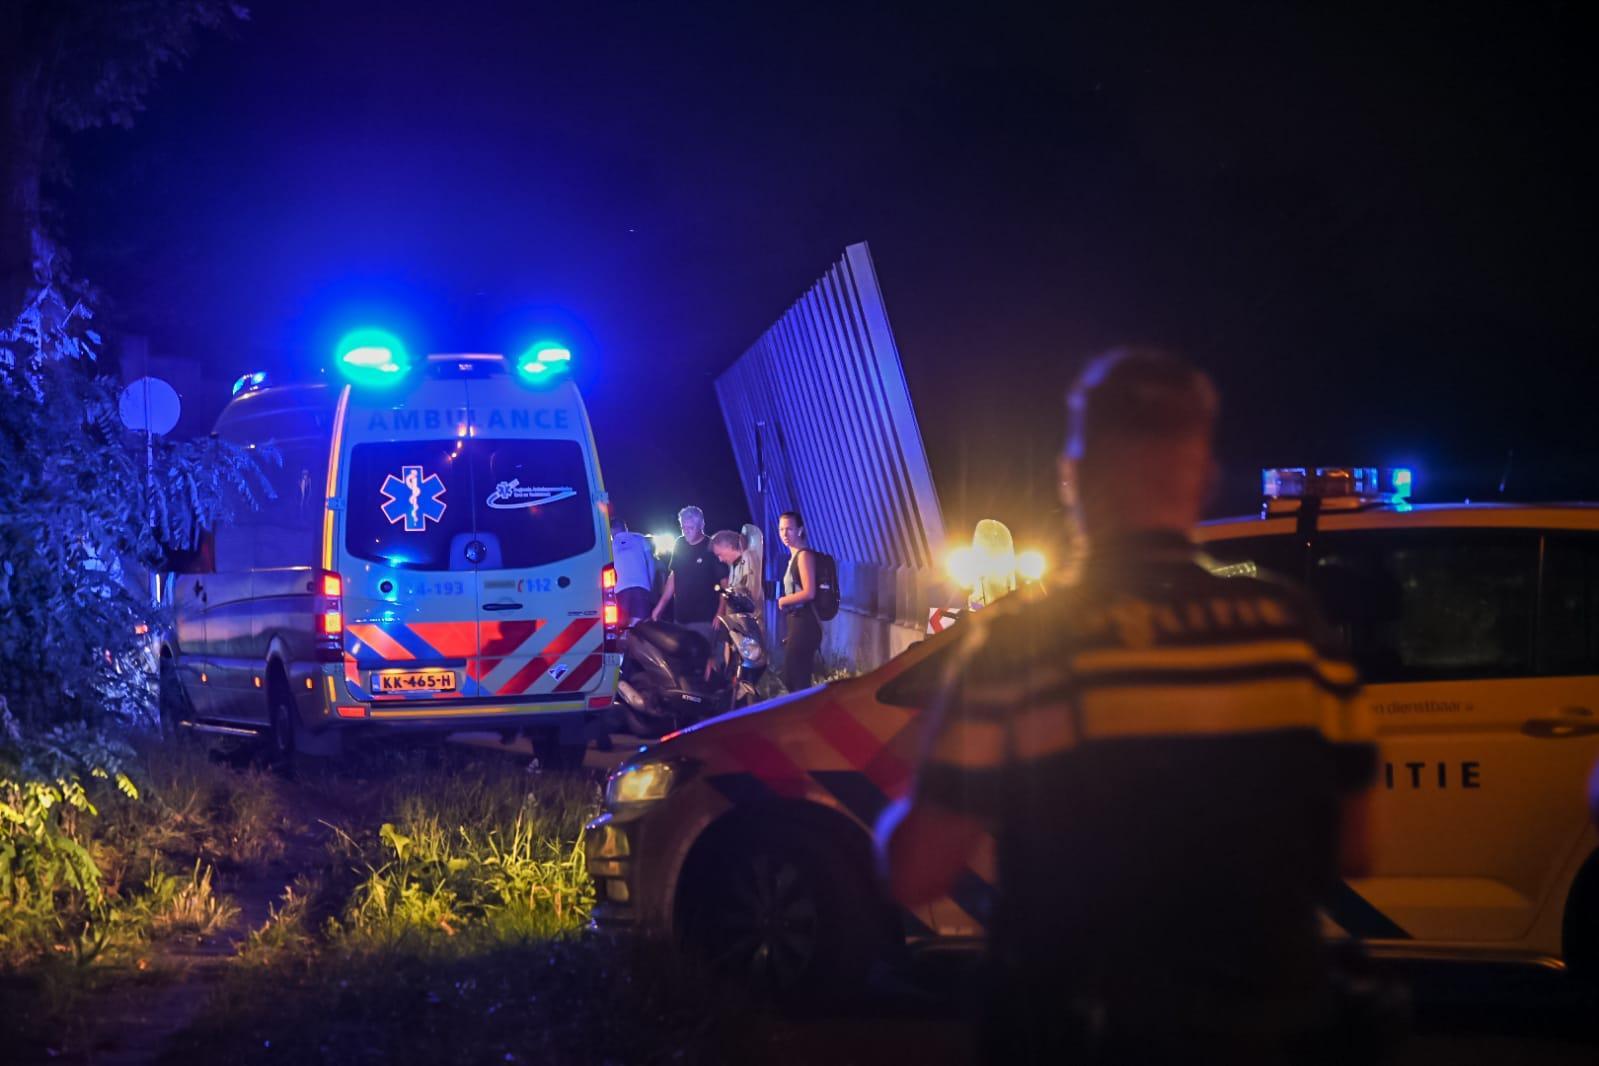 Scooterrijder (19) overleden aan verwondingen bij ongeval in Hilversum